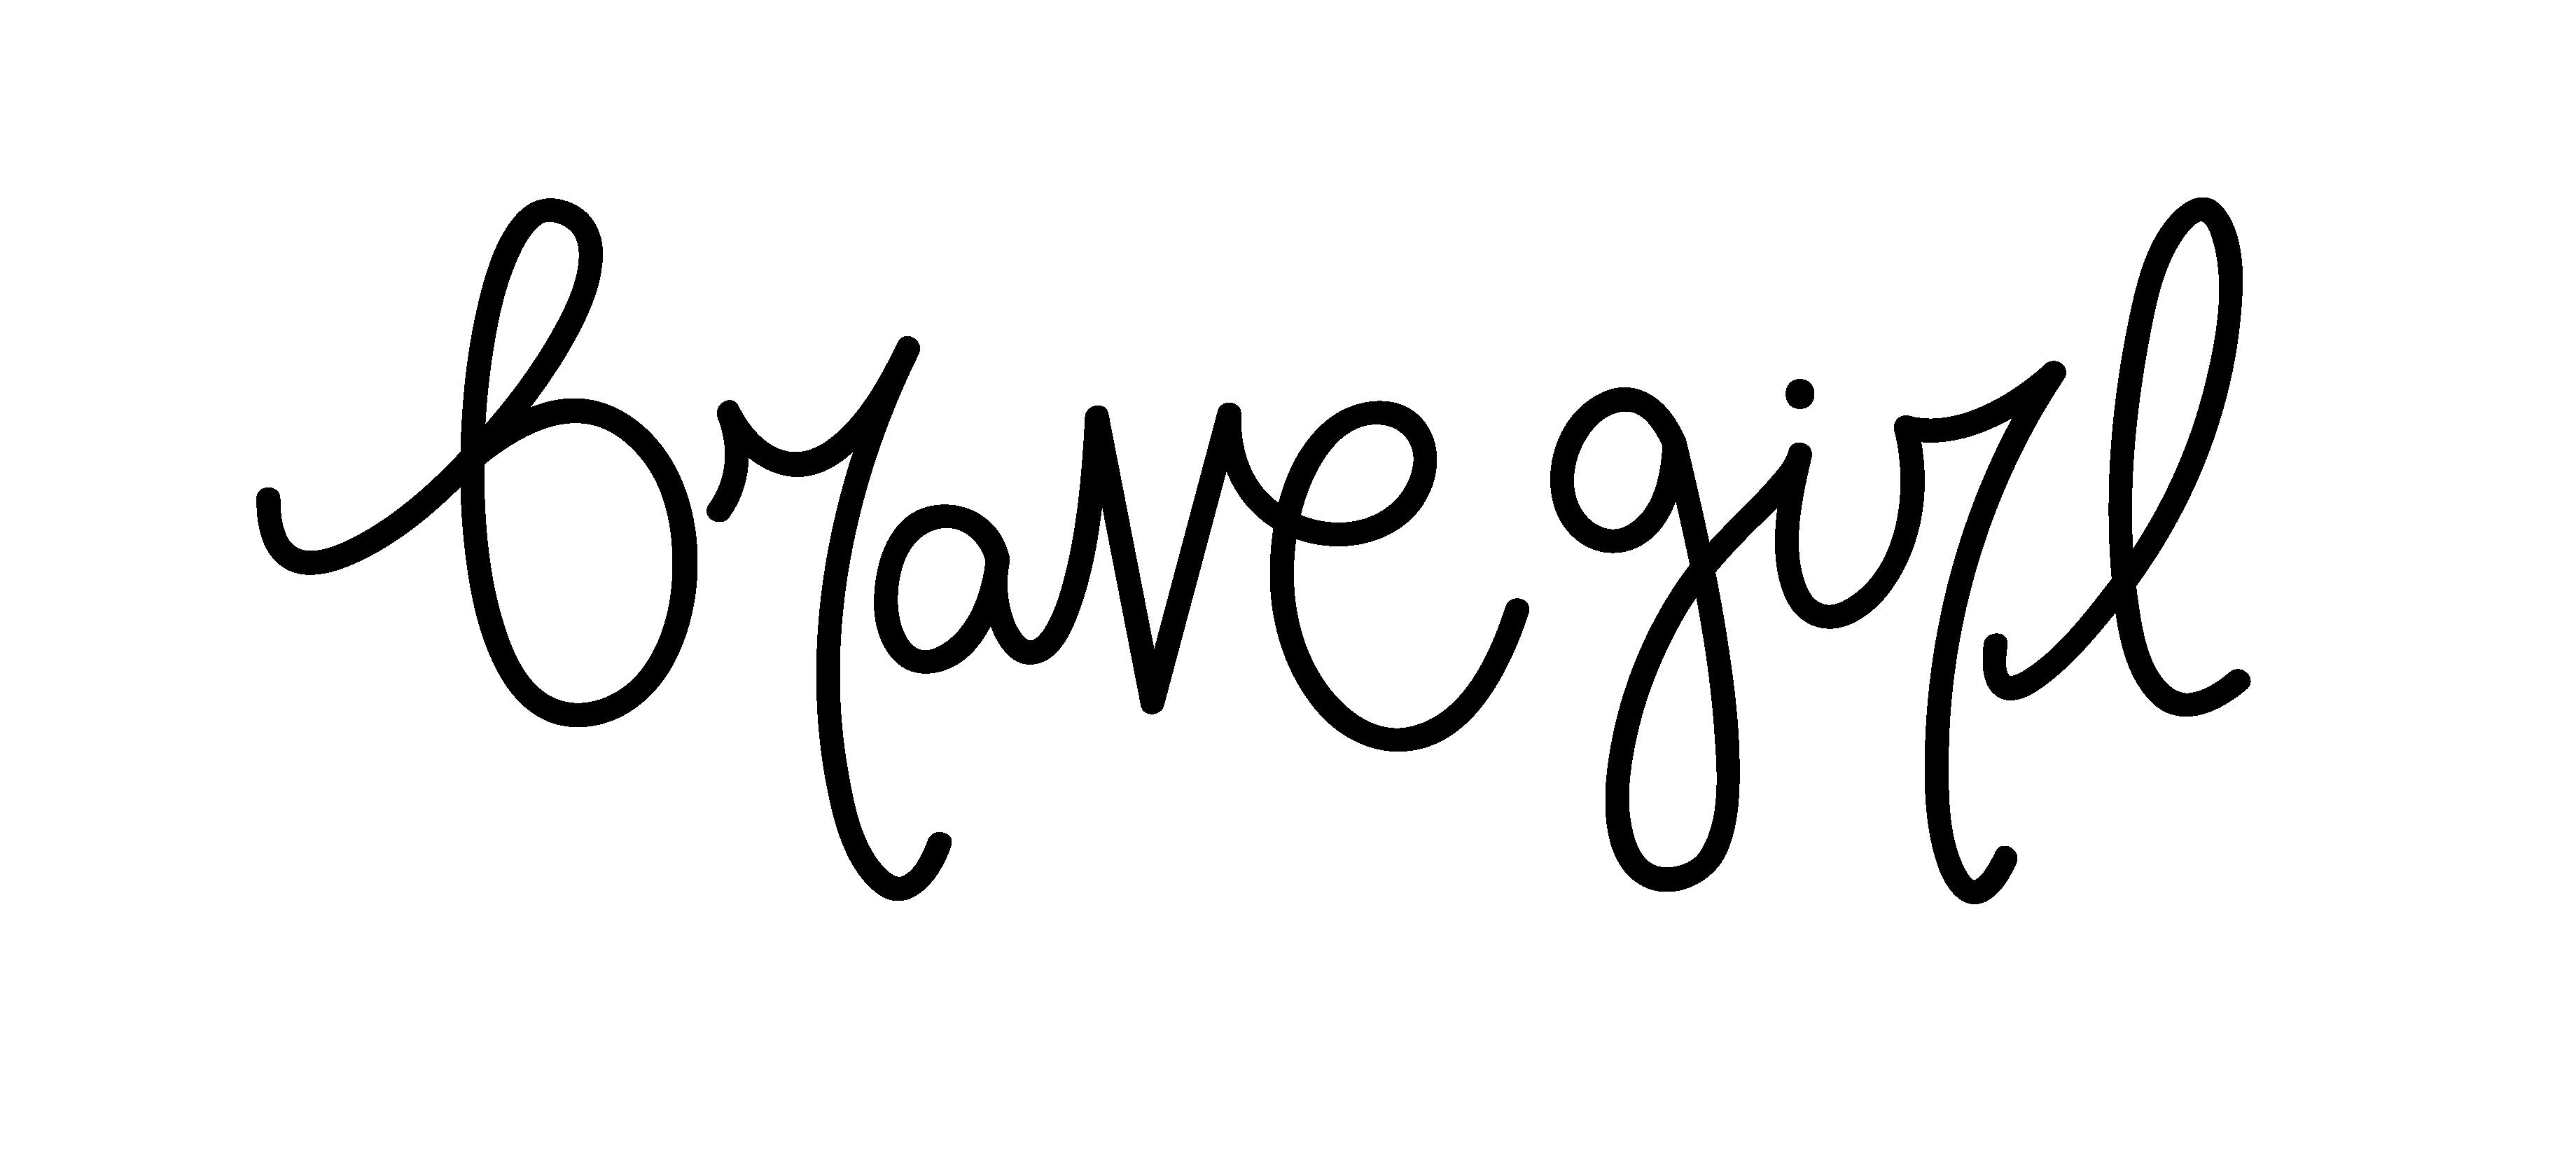 ১৪বছৰীয়া সাহসী ছোৱালী; উৎপীড়নৰ বিৰুদ্ধে মাতিলে মাত